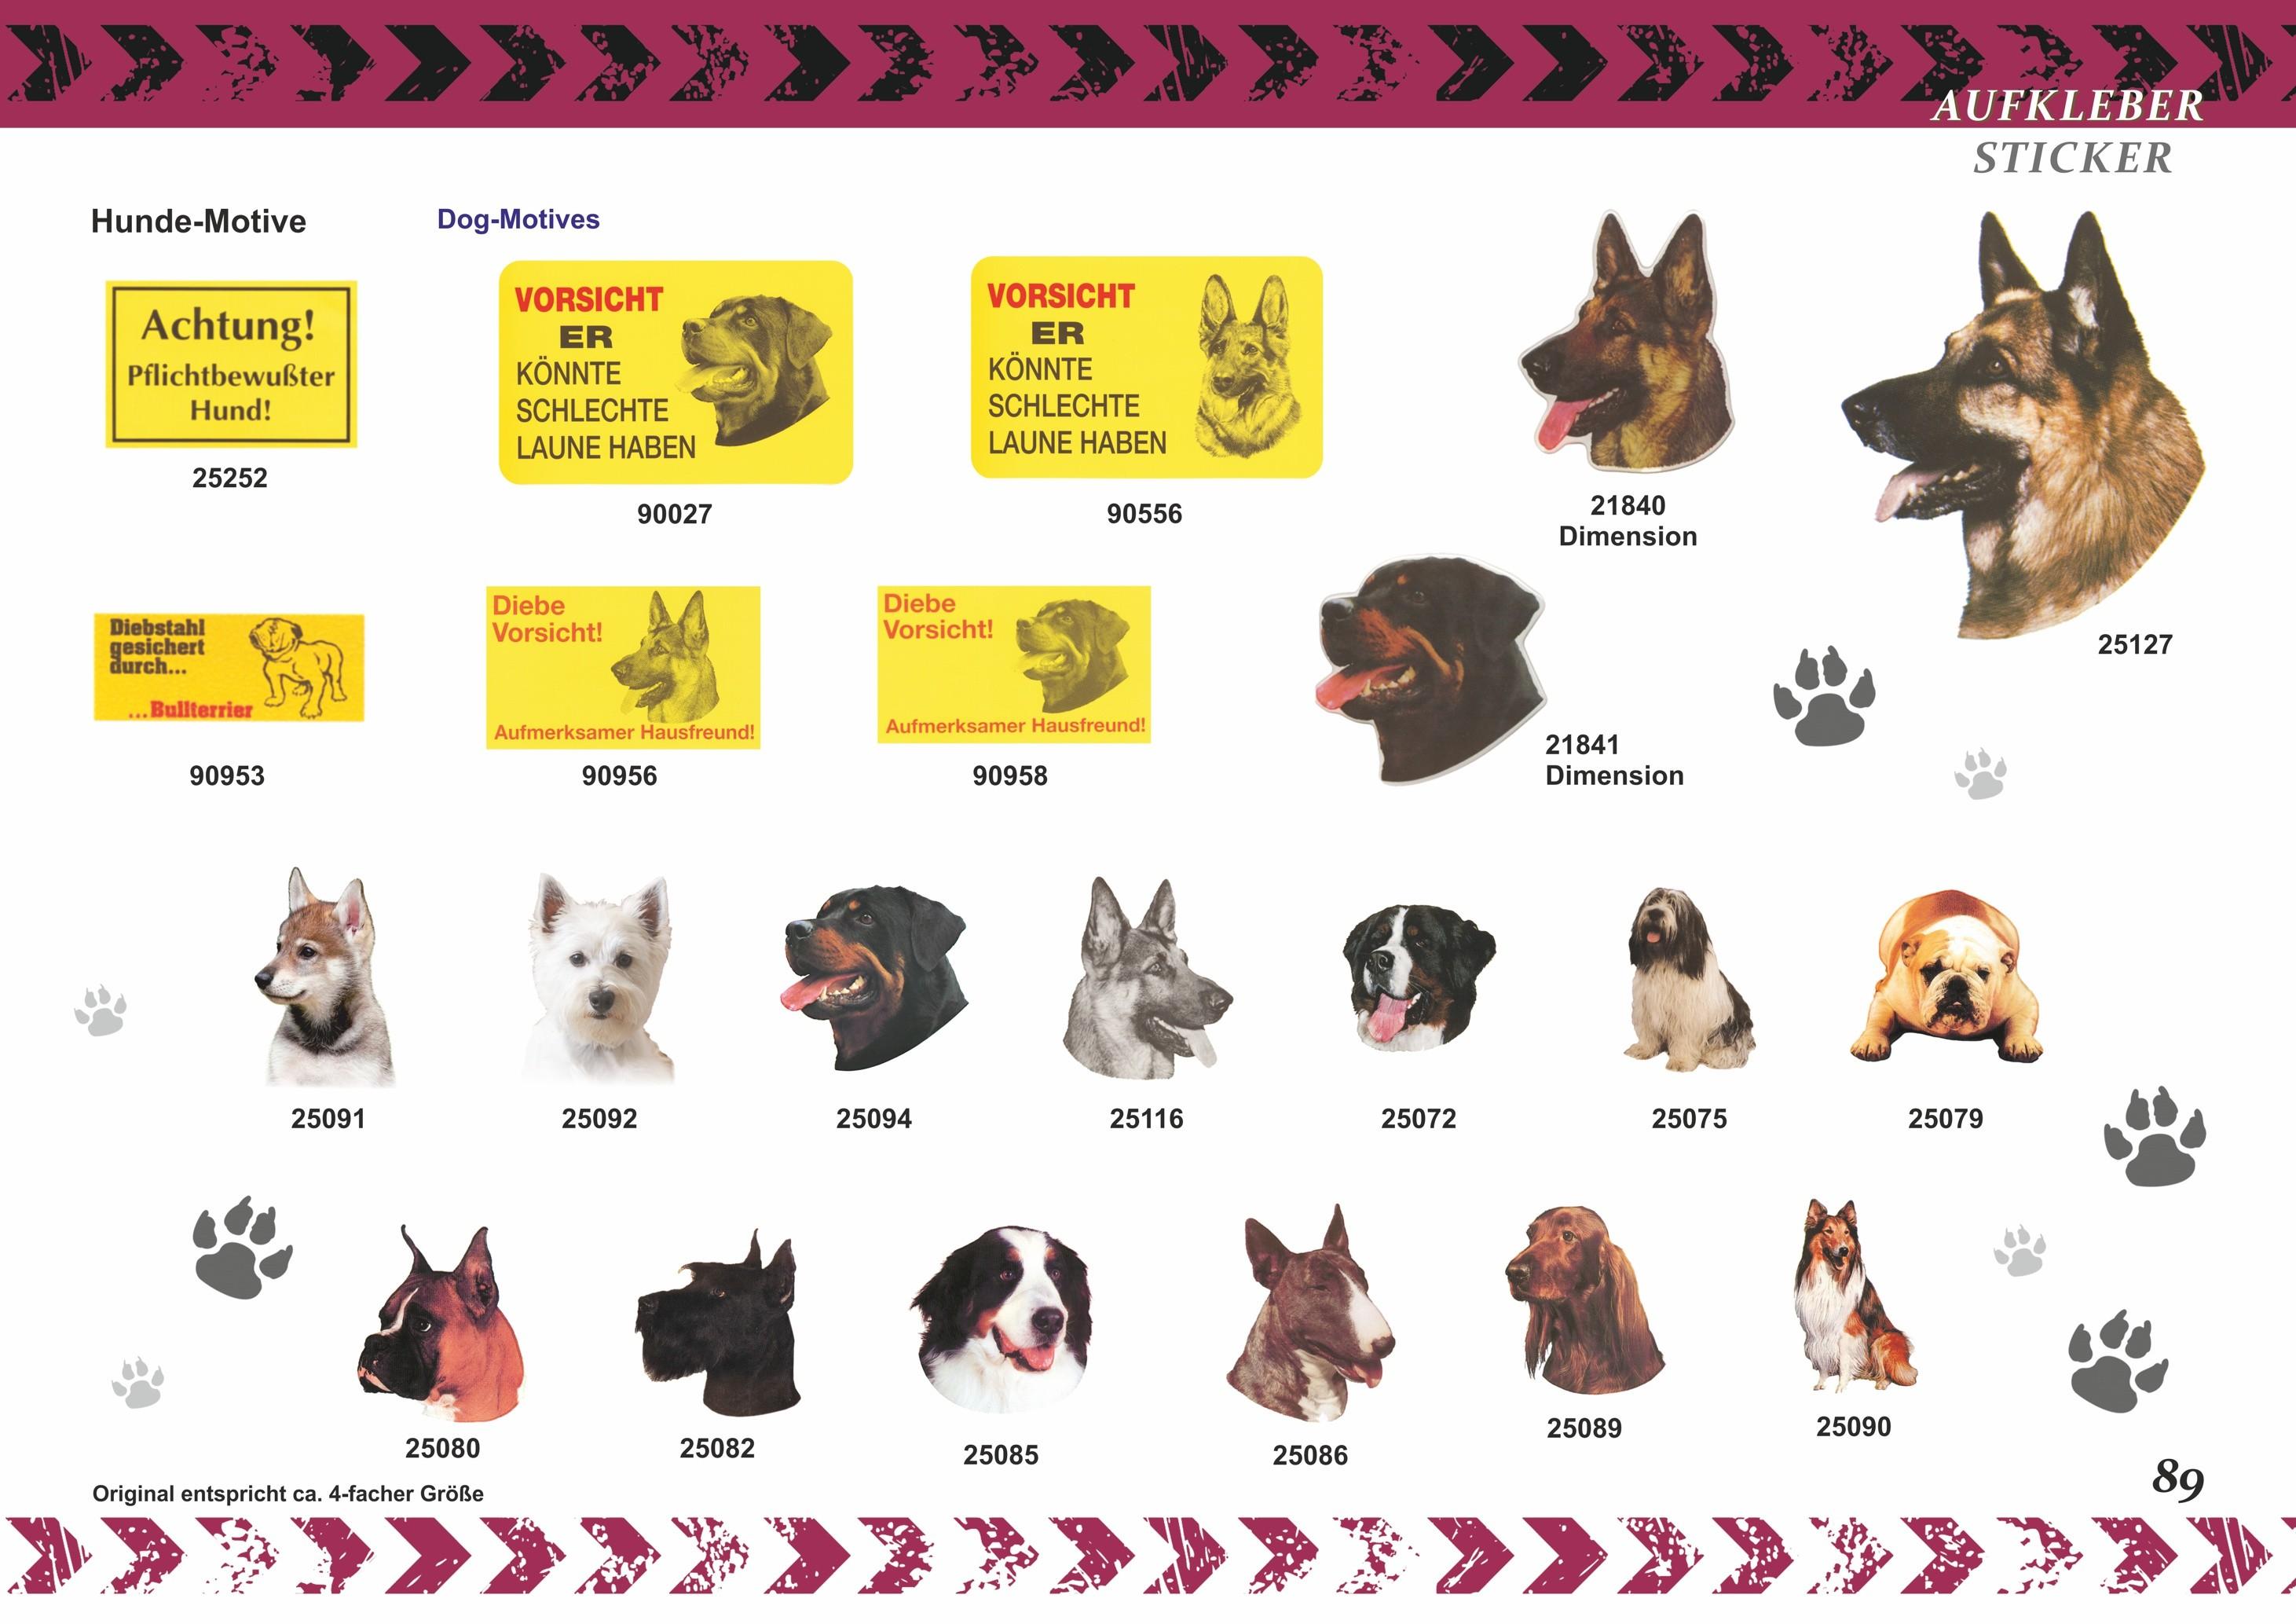 Aufkleber Hund Diebe Vorsicht! Aufmerksamer Hausfreund! – Bild 5